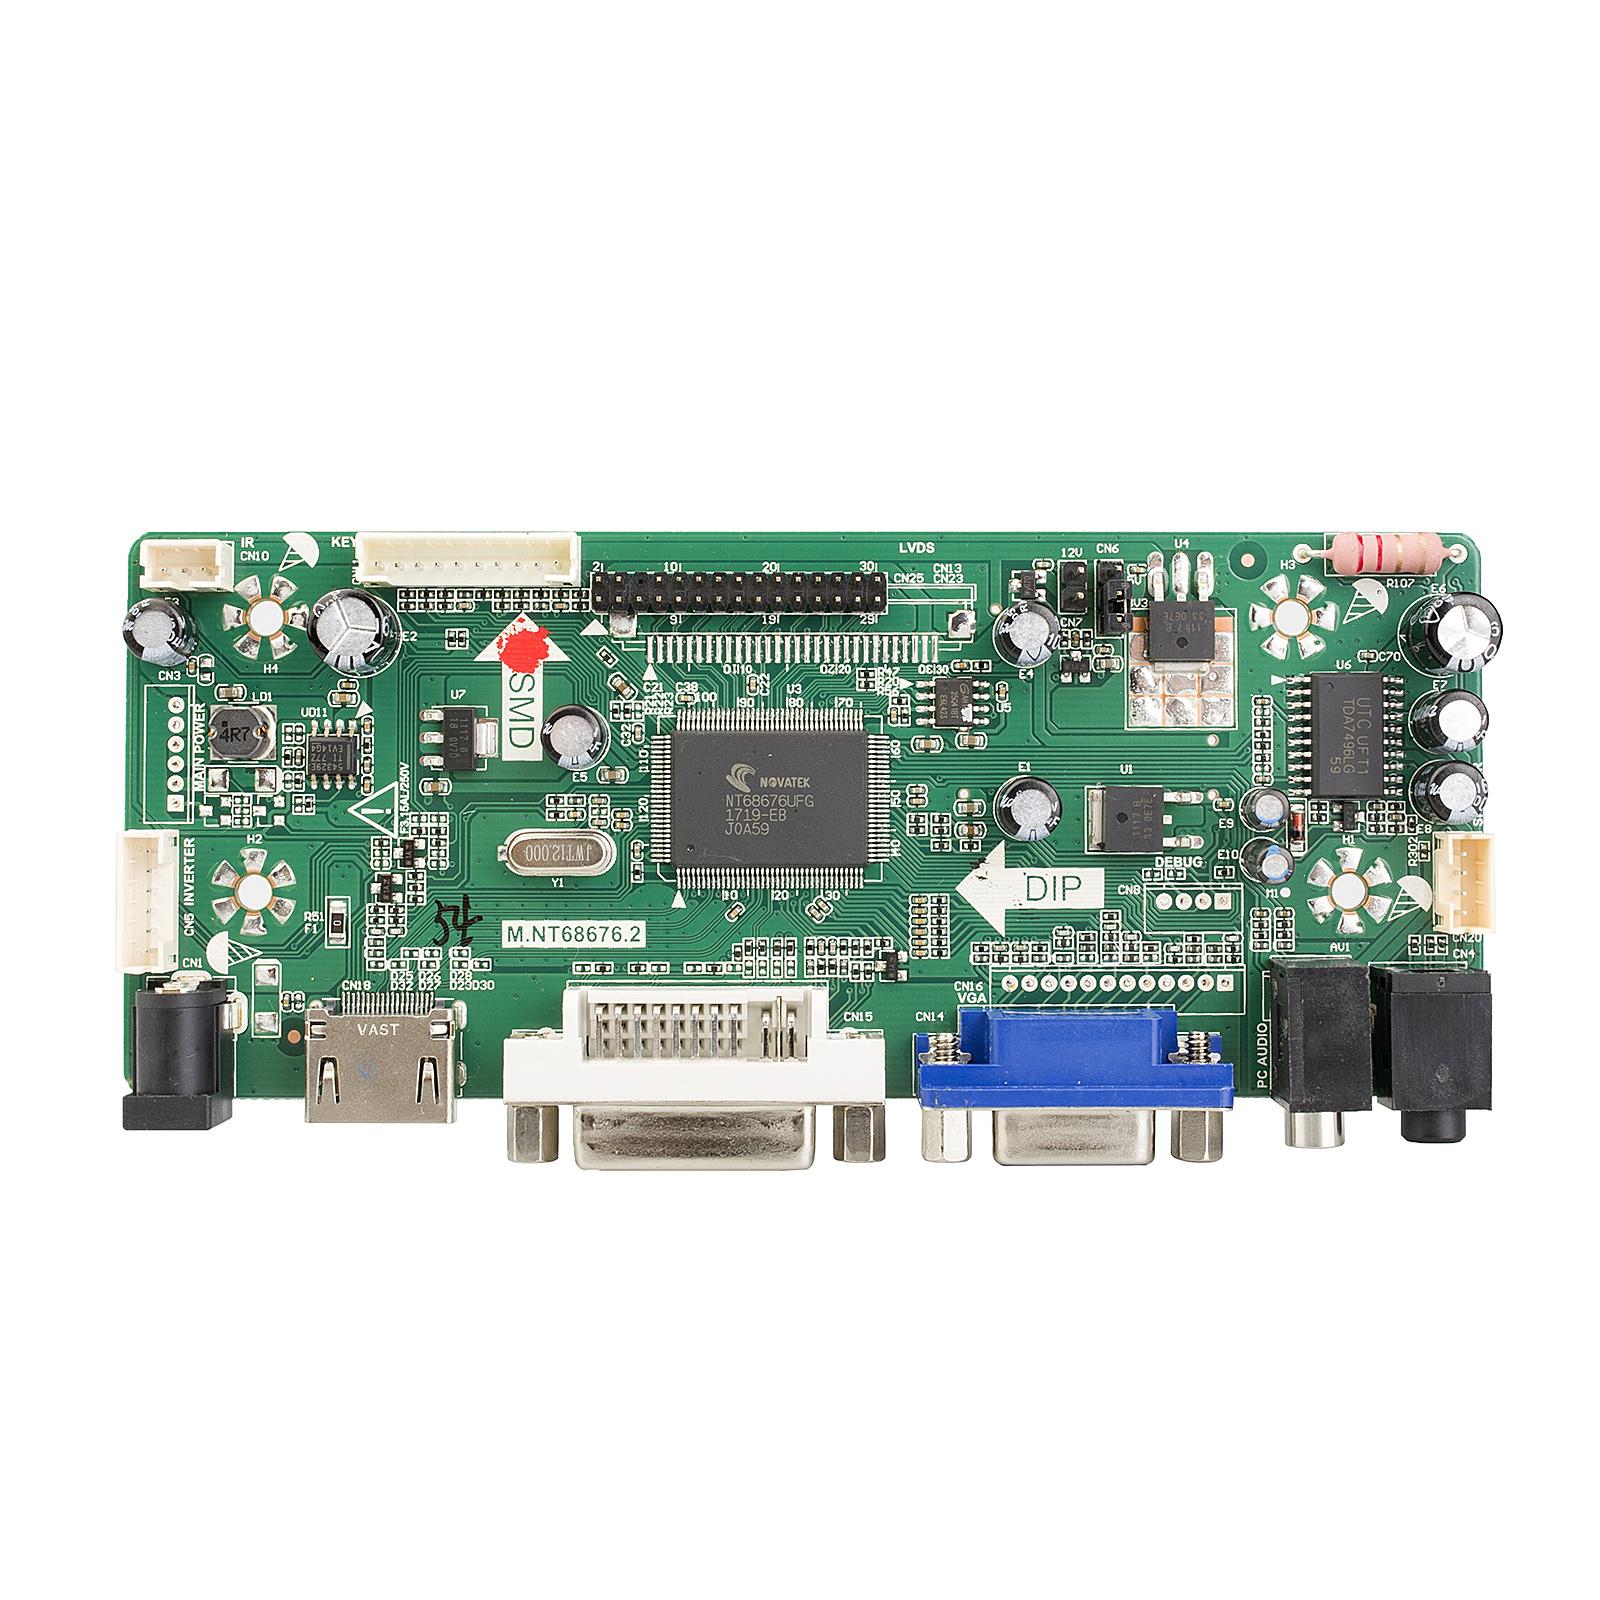 Mnt686762a Hdmi Dvi Vga Audio Lcd Panel Controller Driver Board To Adapter Schematic Description